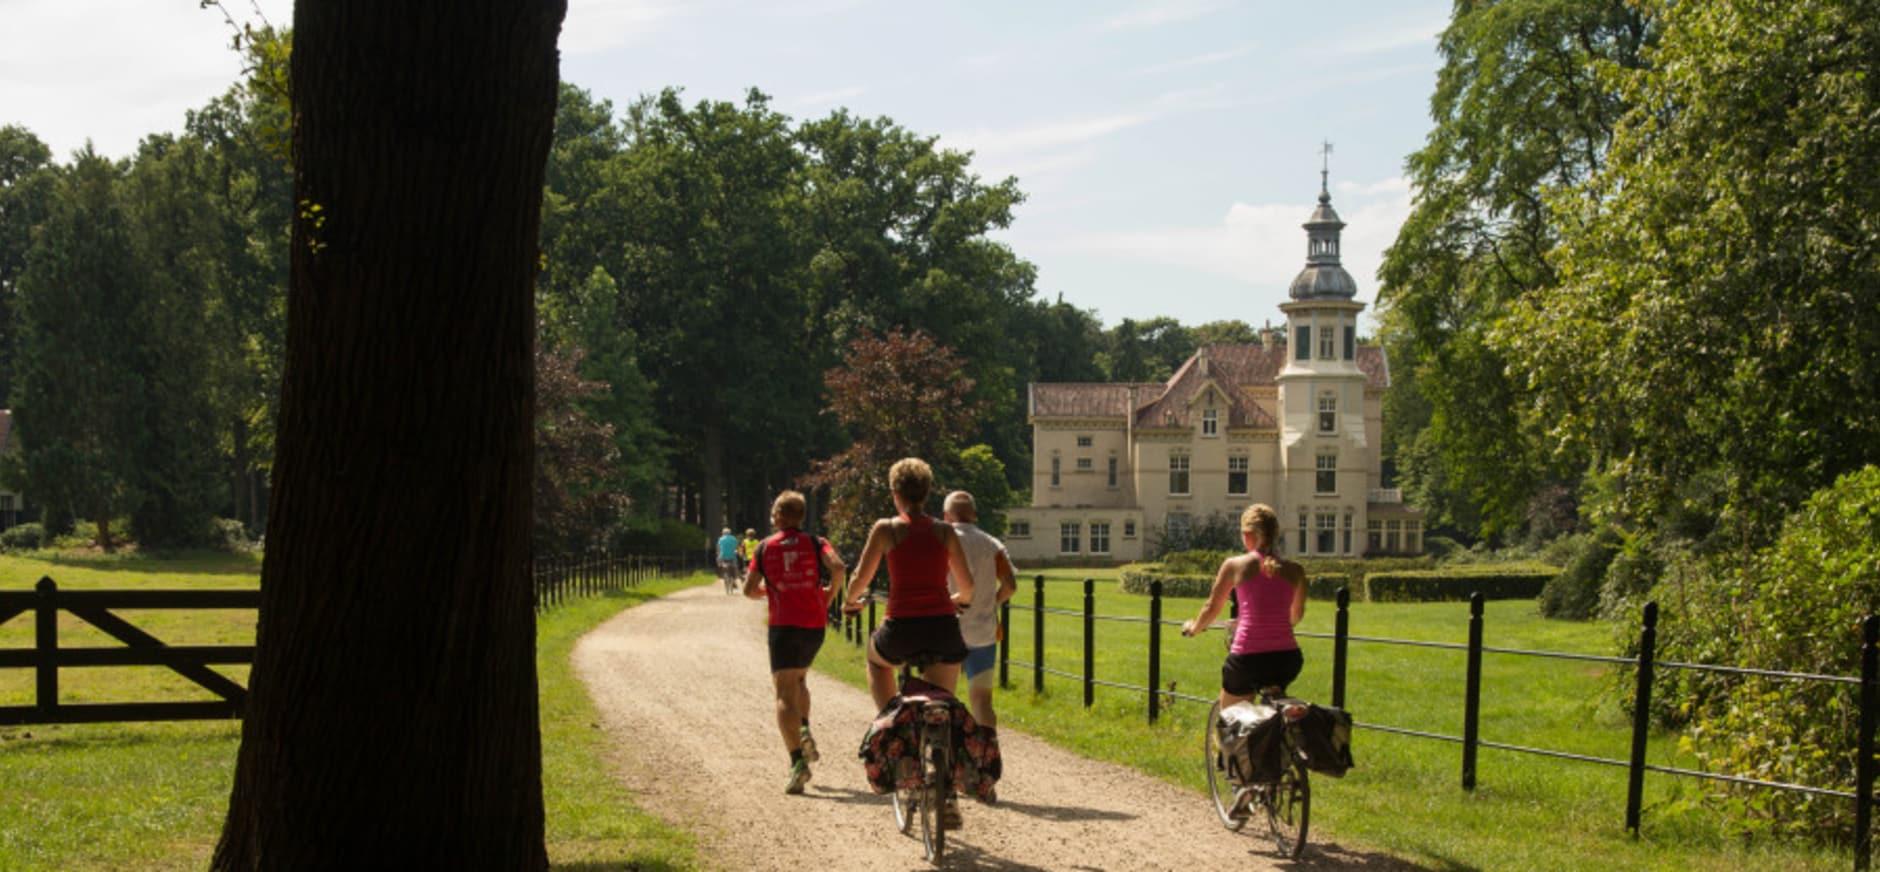 20 augustus: sport en gezelligheid op Oud Groevenbeek